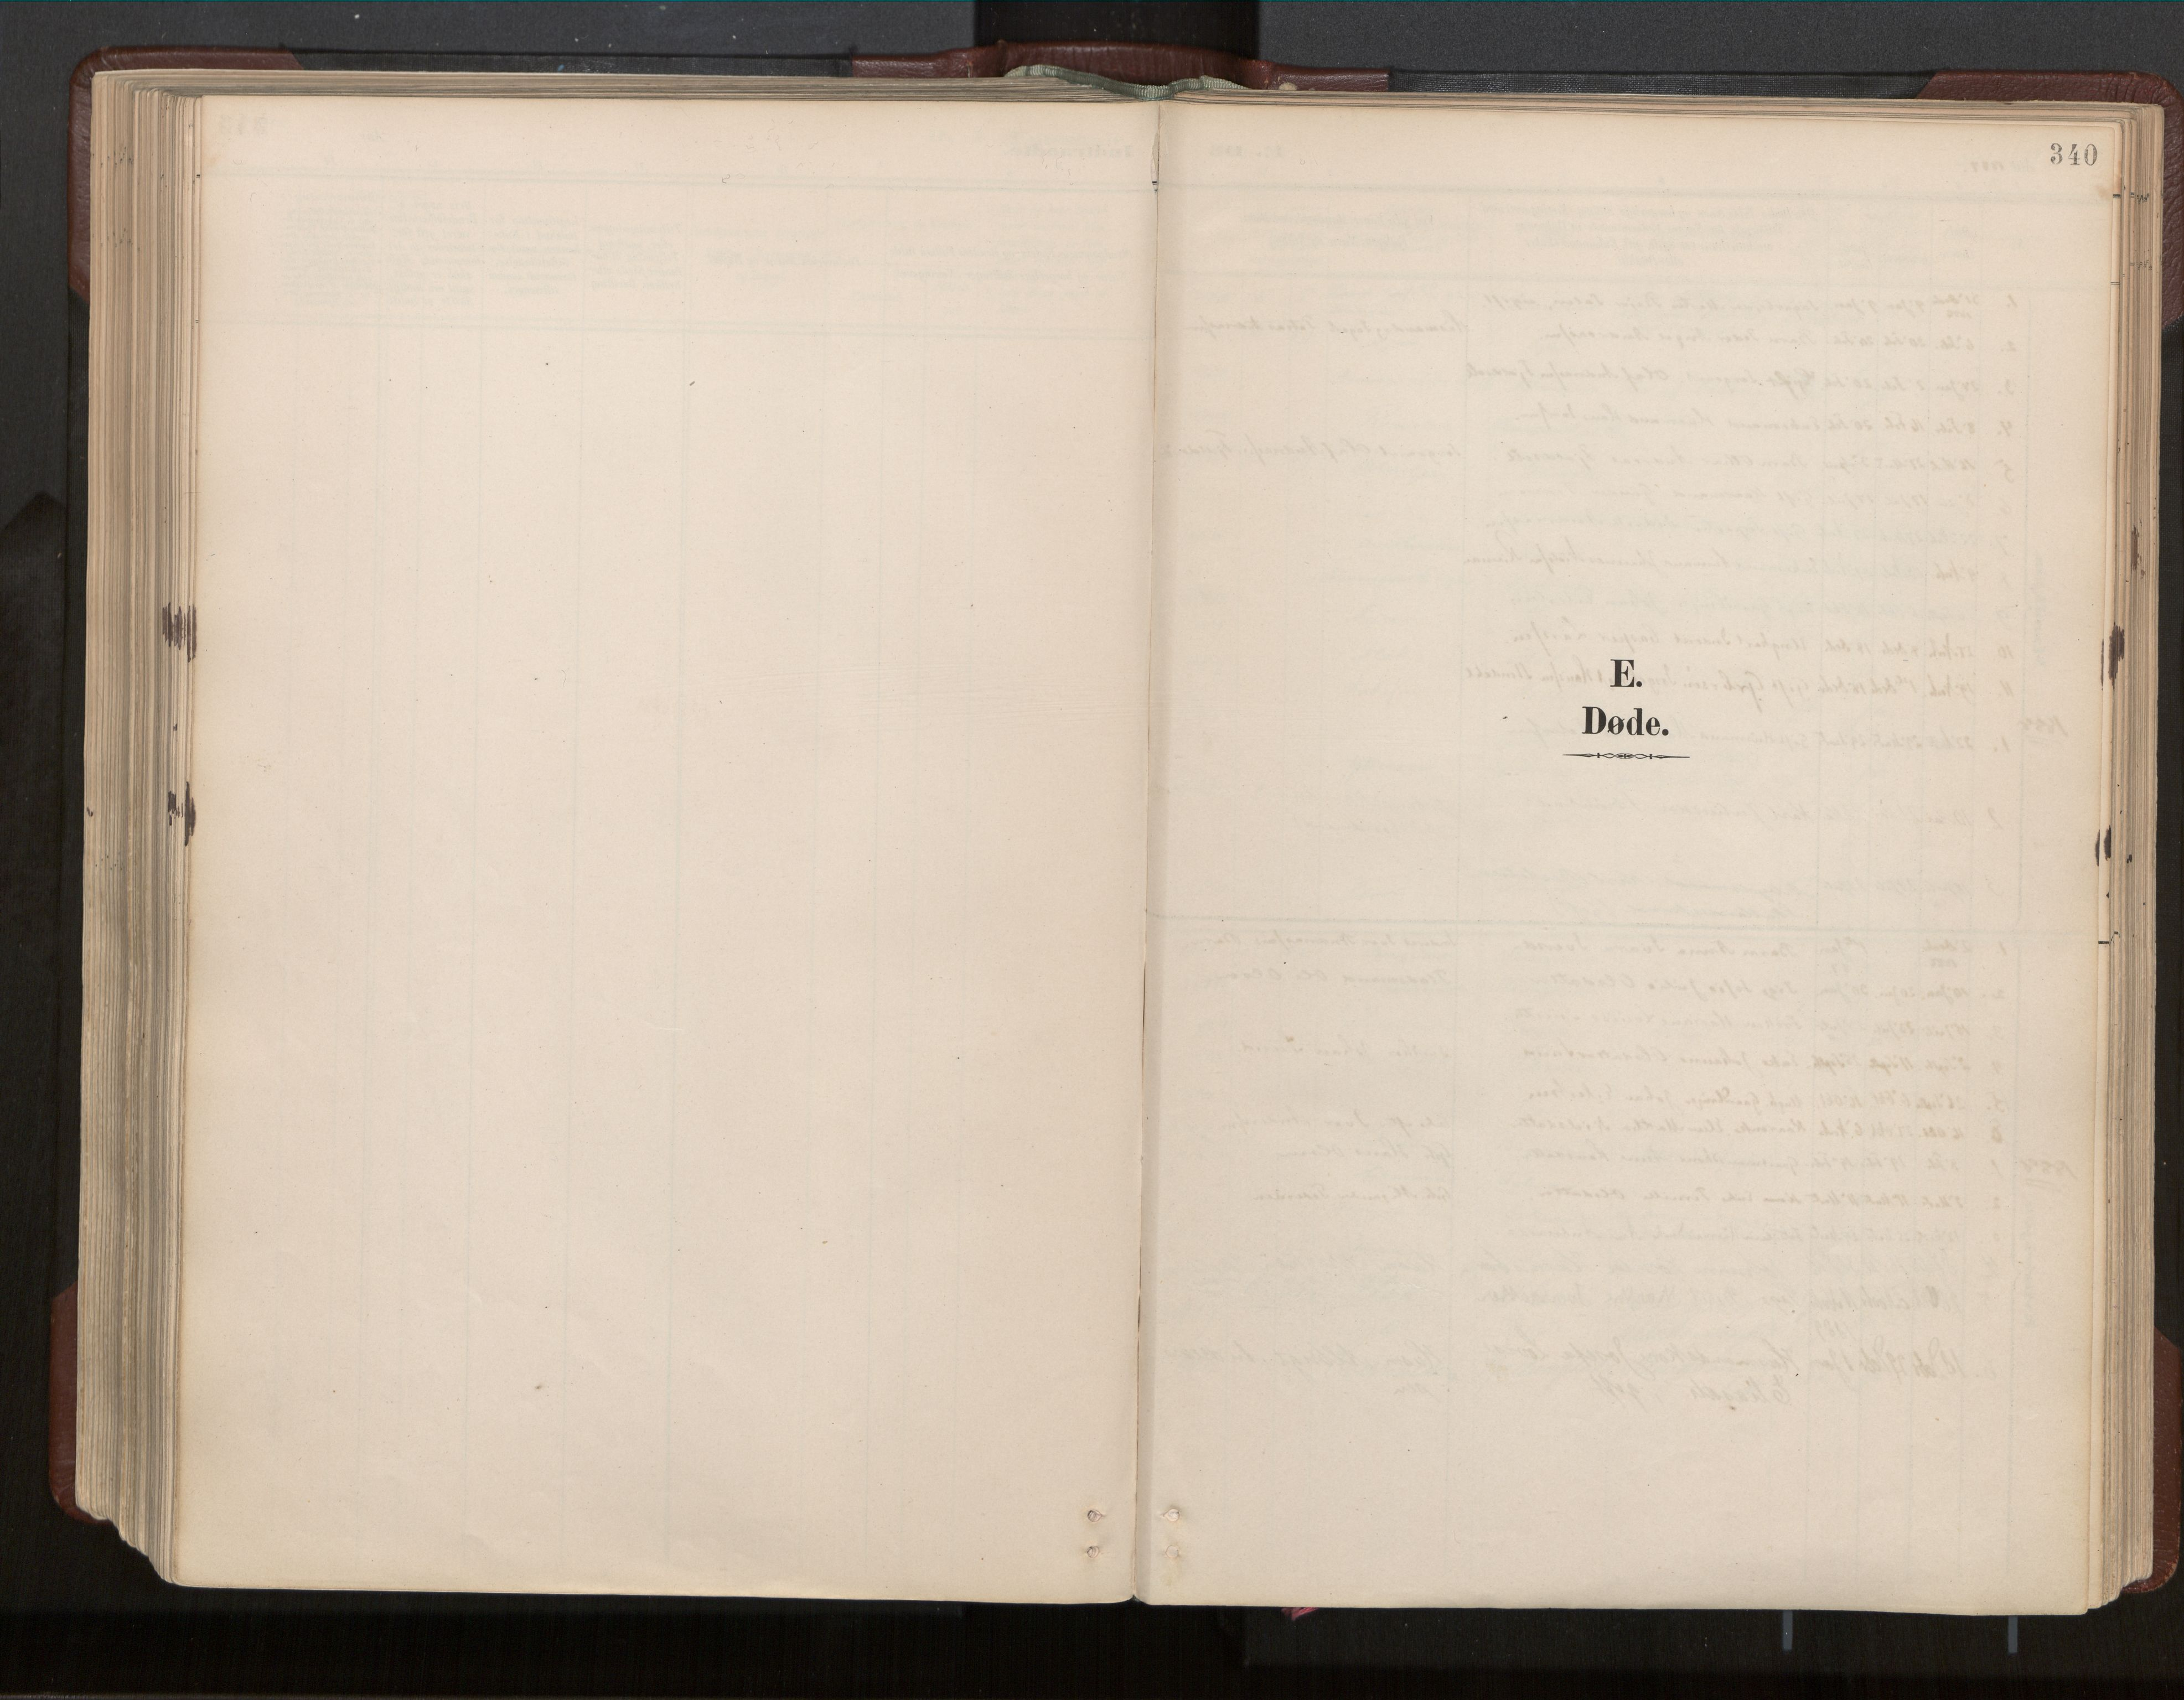 SAT, Ministerialprotokoller, klokkerbøker og fødselsregistre - Nord-Trøndelag, 770/L0589: Ministerialbok nr. 770A03, 1887-1929, s. 340